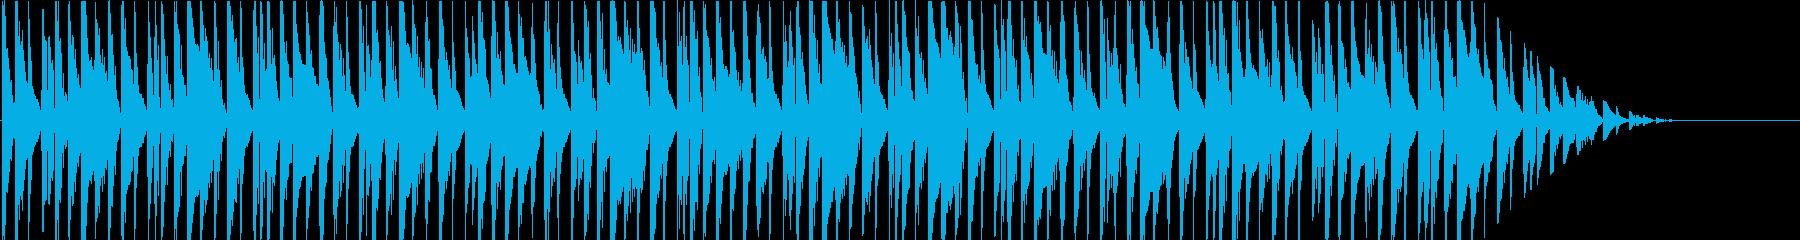 ルンルン♪シンプルで明るいBGMの再生済みの波形